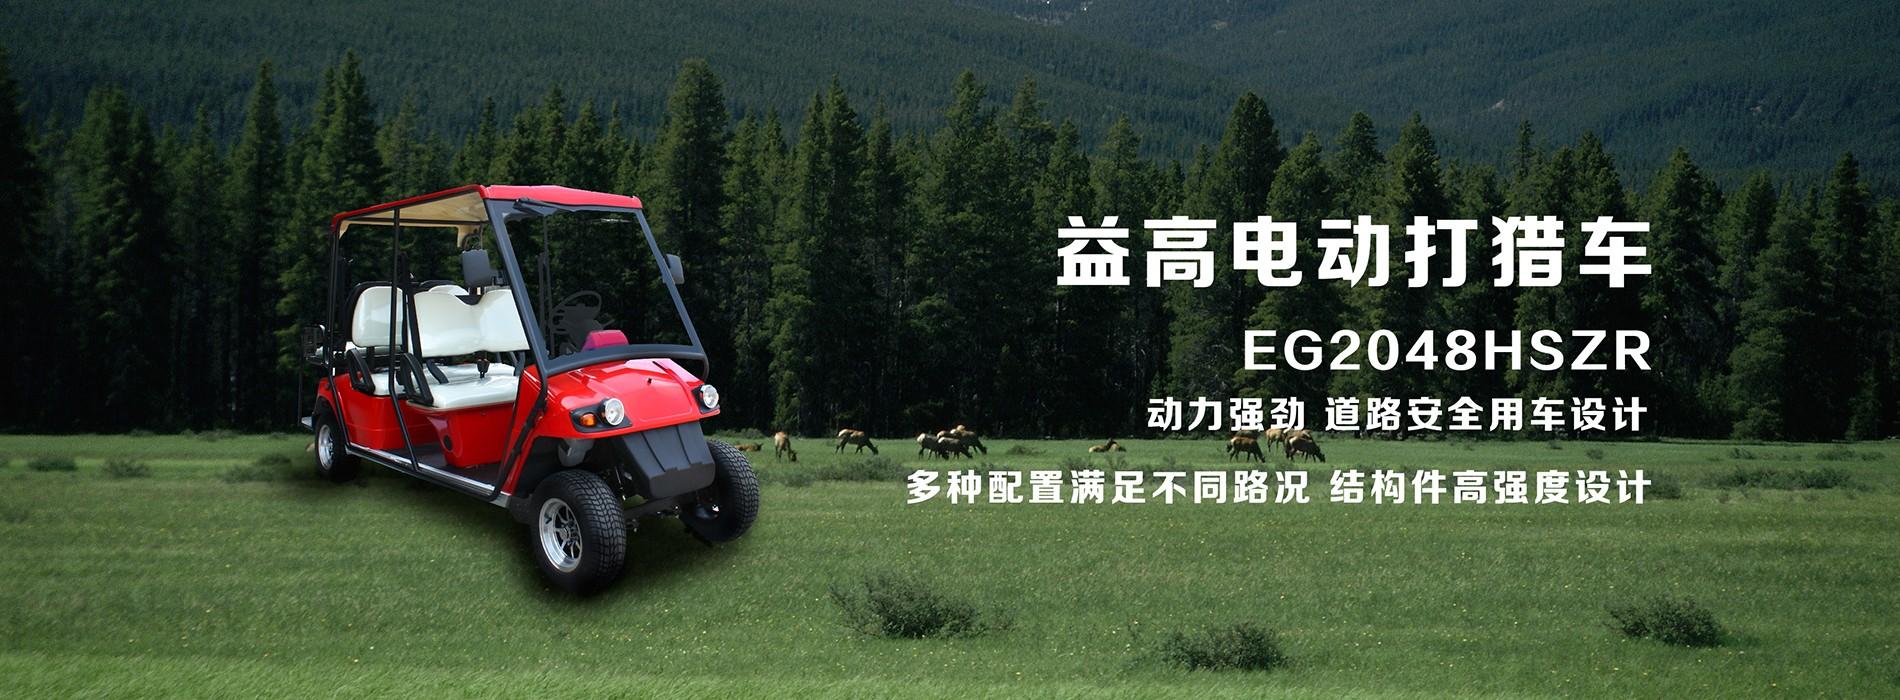 EG2048HSZR